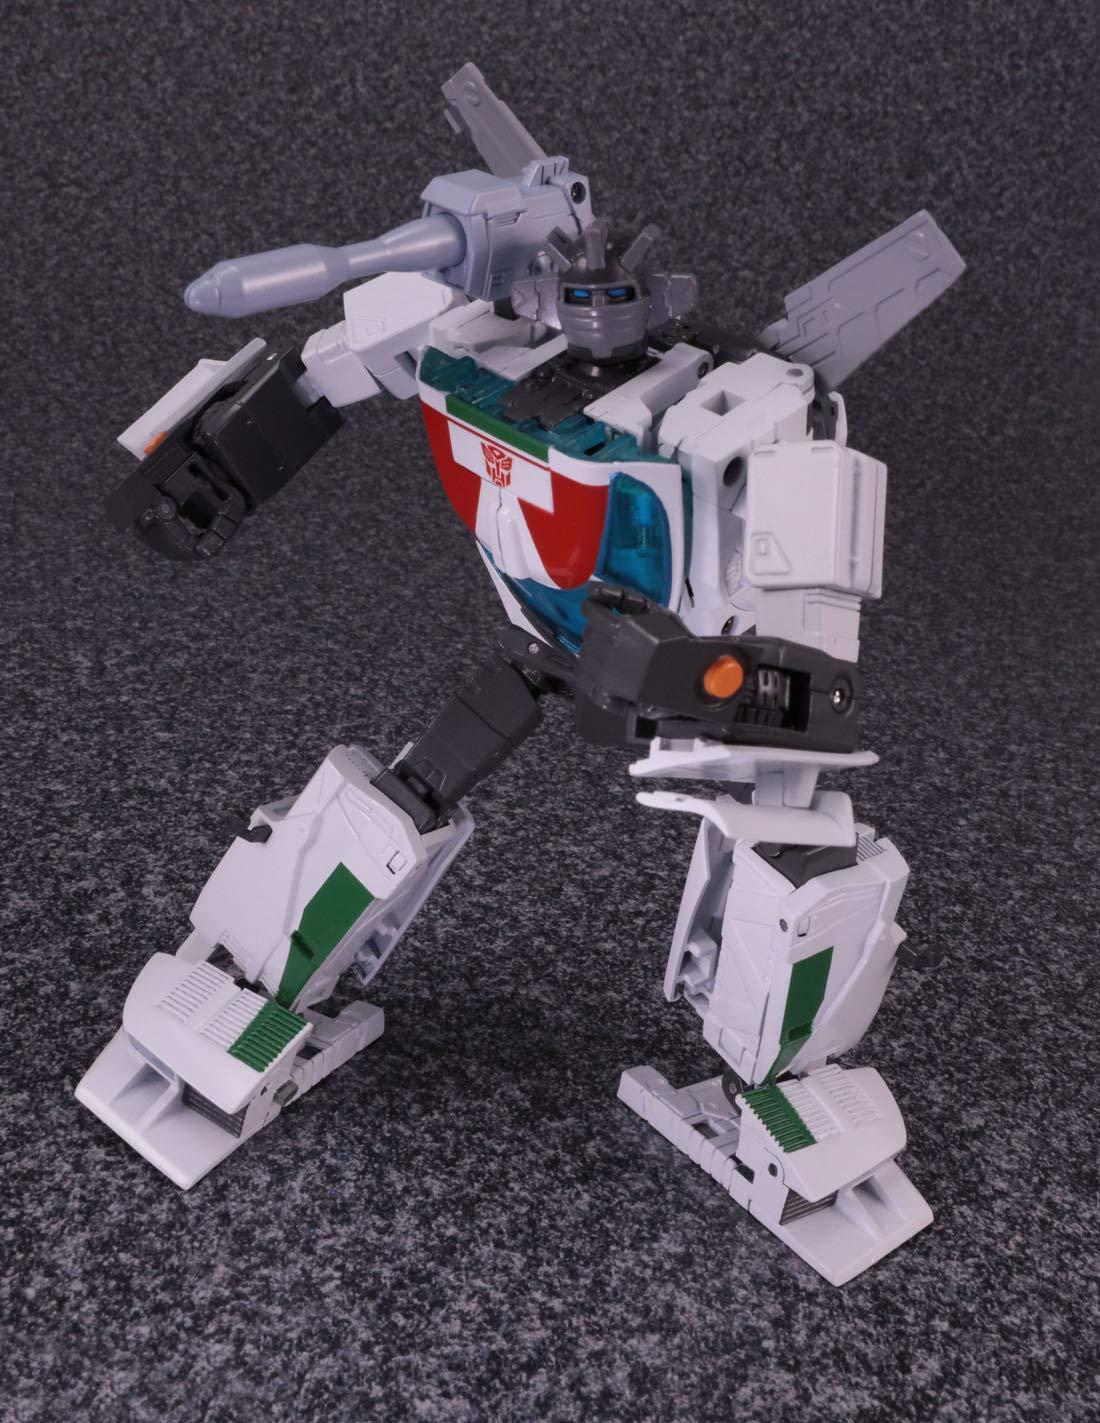 トランスフォーマー マスターピース『MP-20+ ホイルジャック』可変可動フィギュア-004